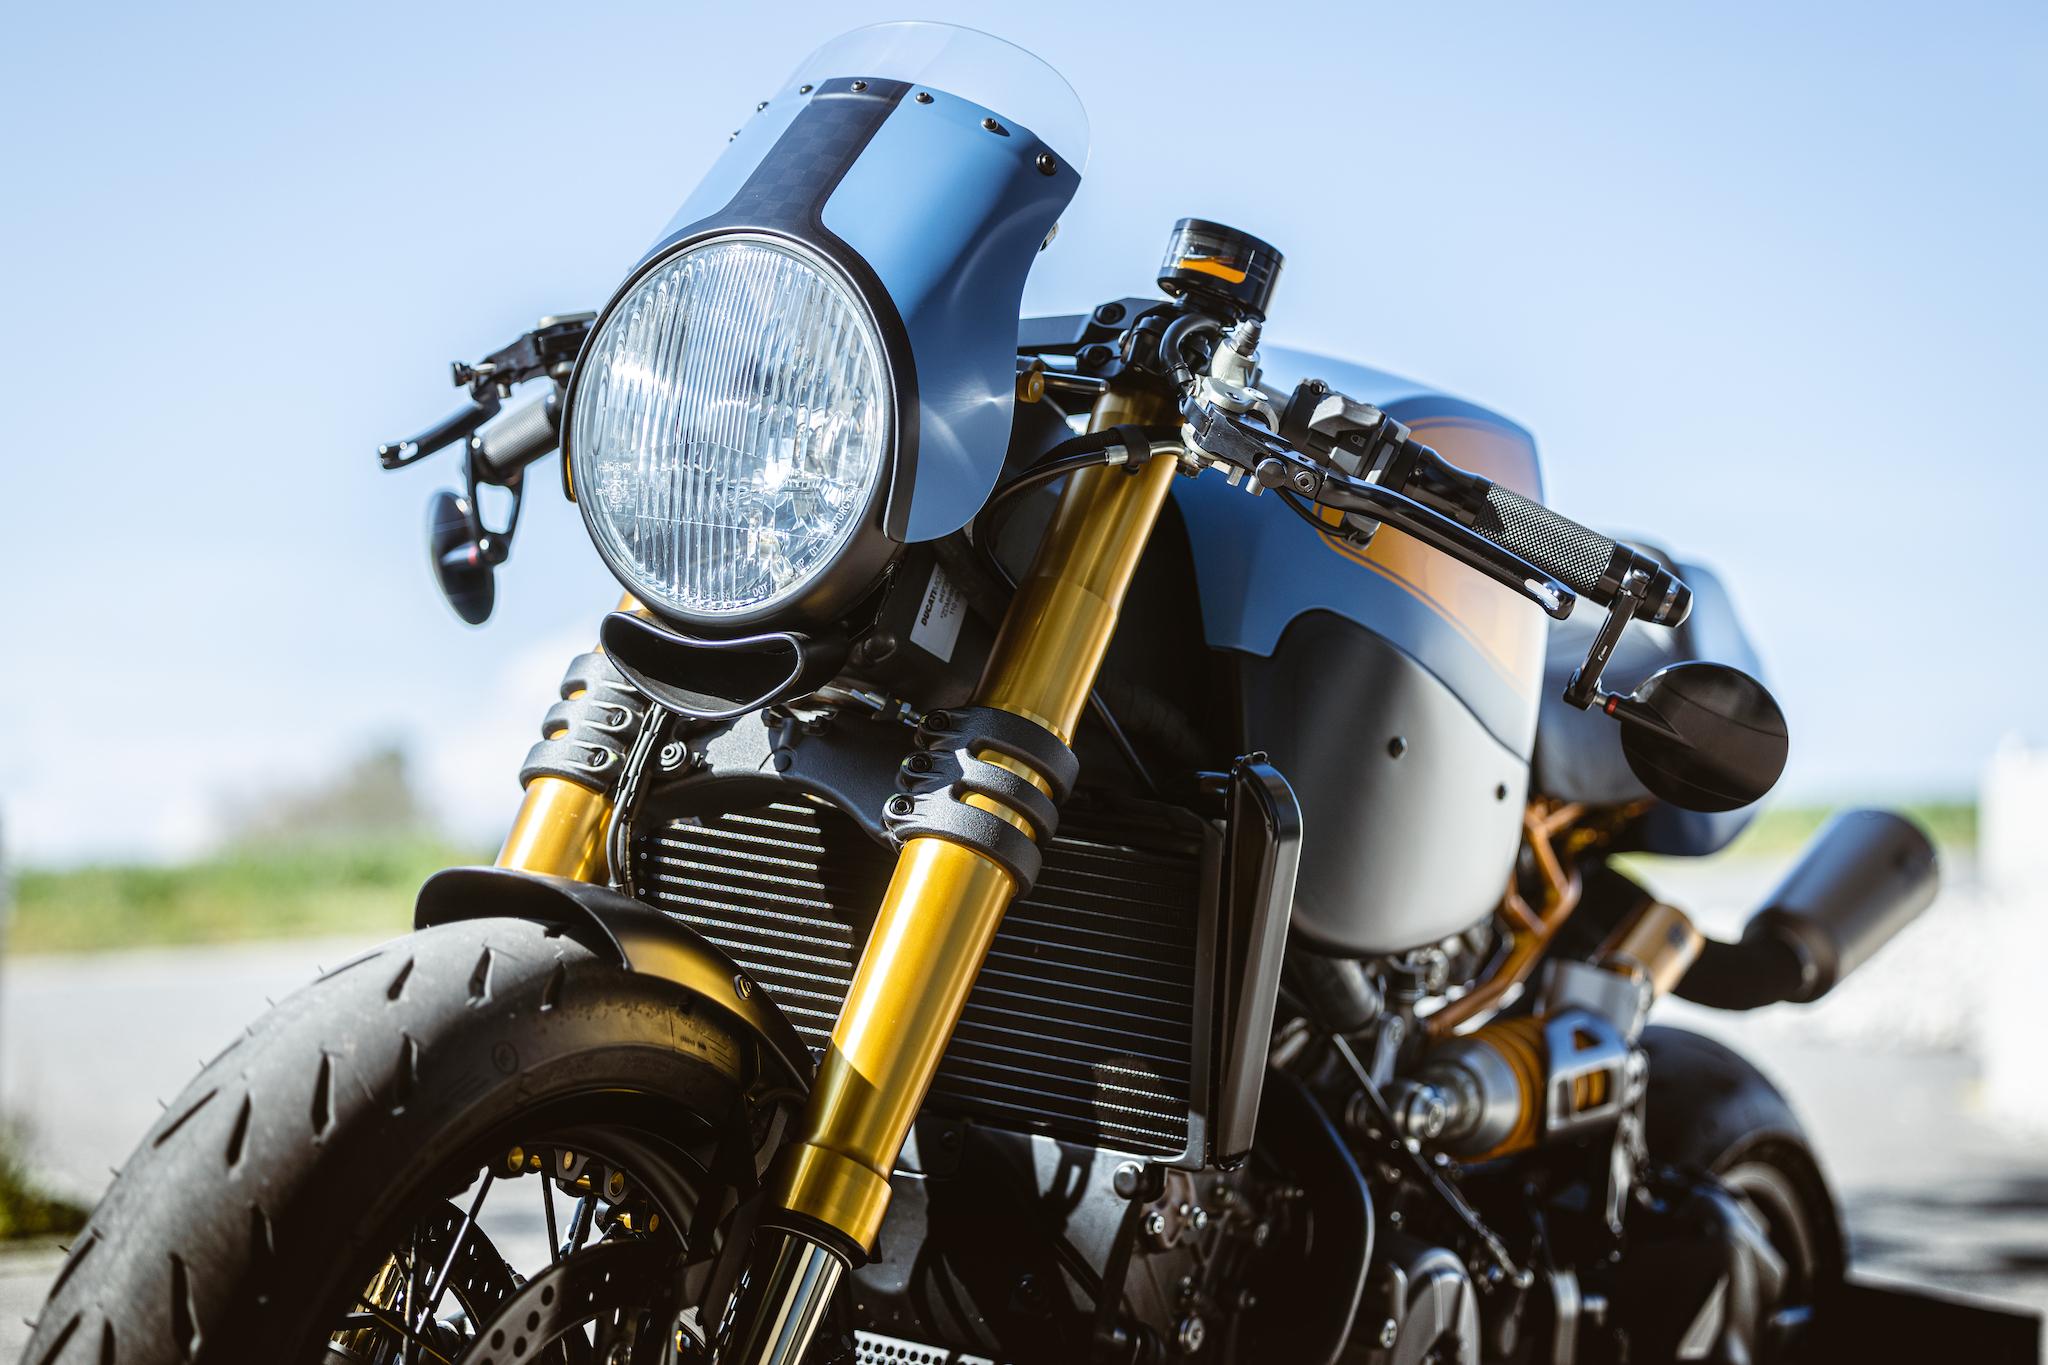 Ducati_Panigale_naked_dream-motos_Madpik-small33